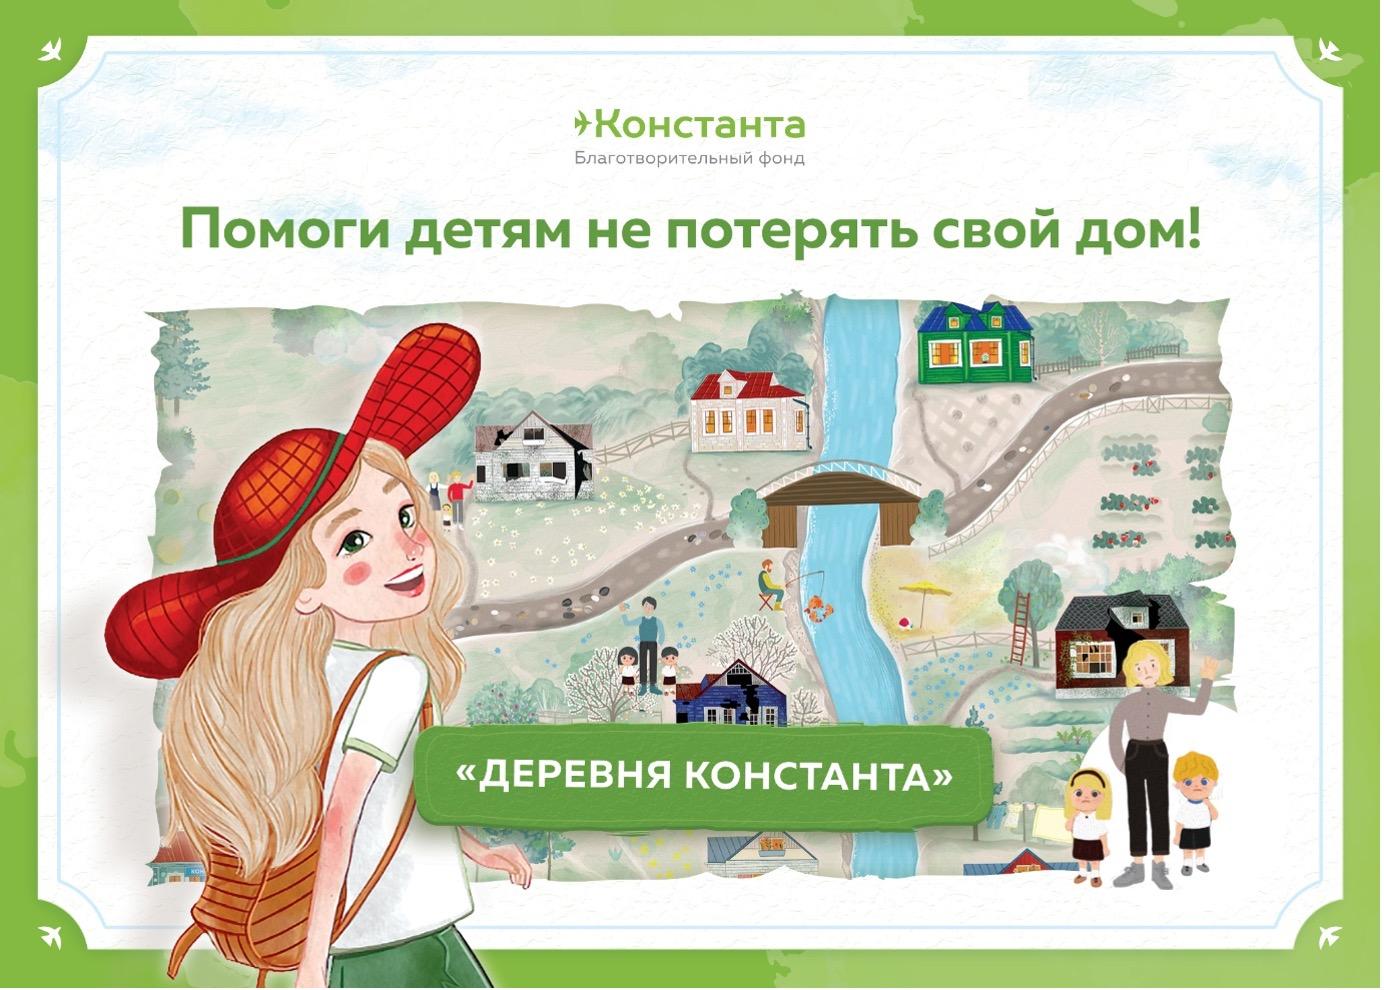 «Деревня Константа»: сайт-игра, в которой можно помочь реальным людям